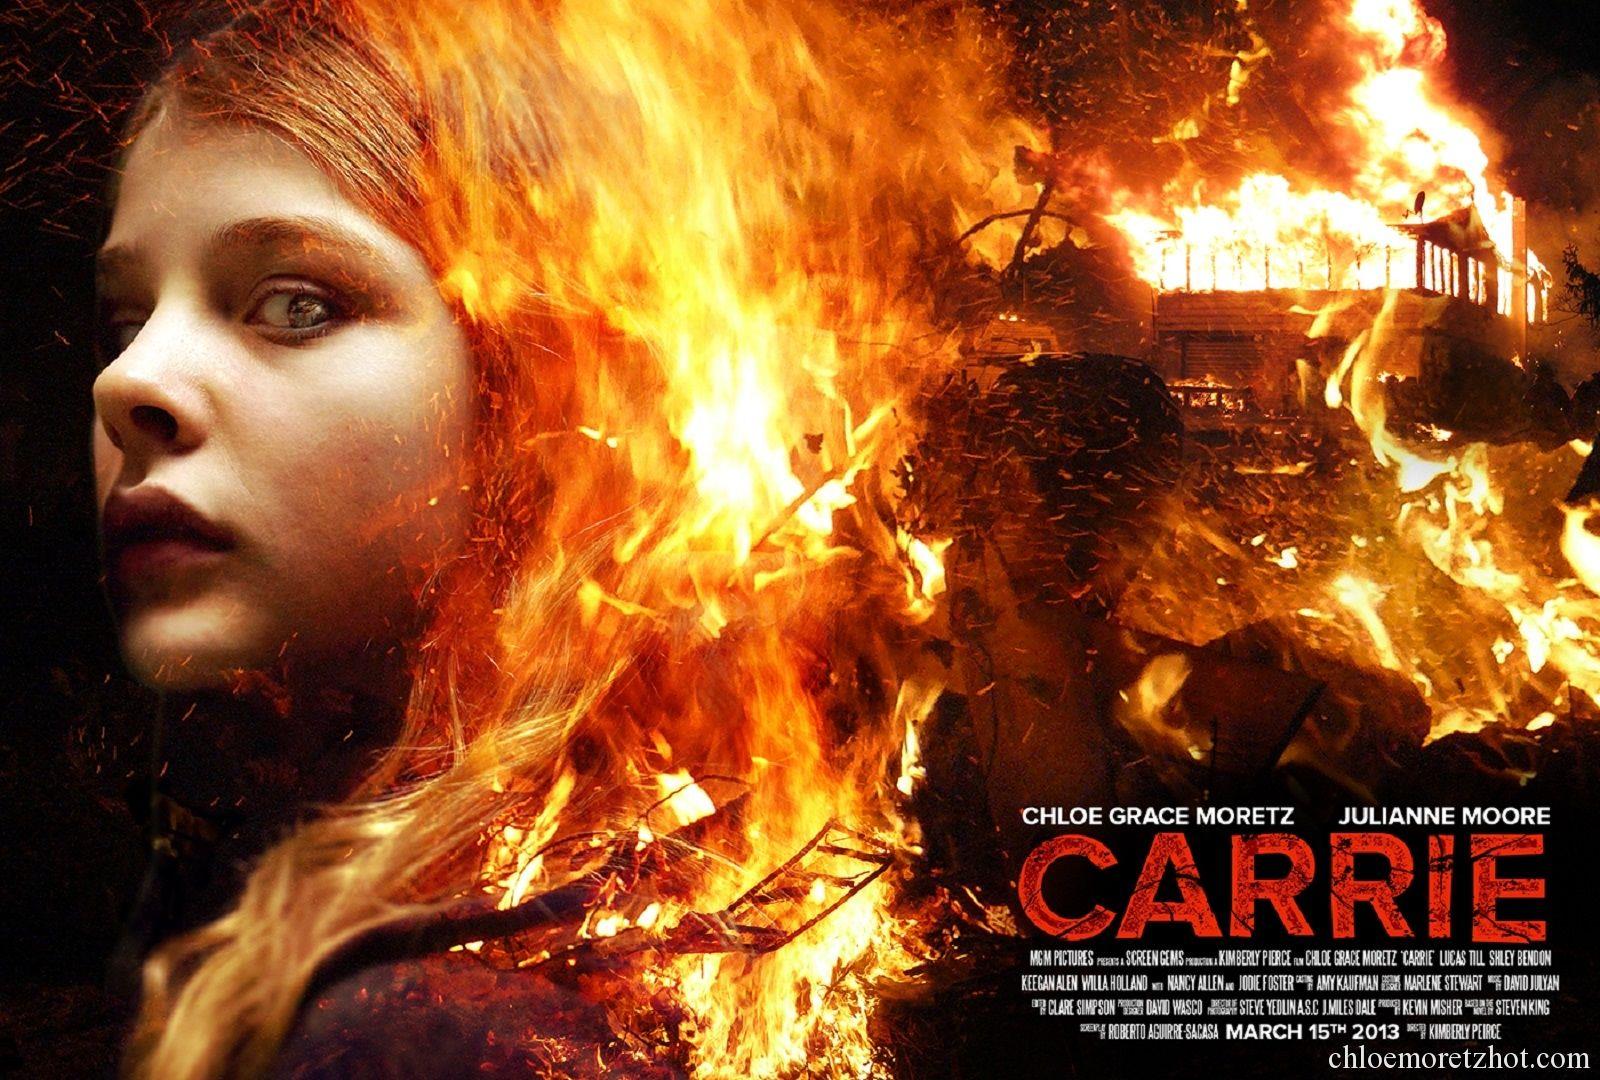 Carrie 2013 Wallpaper Chloe Moretz Carrie Wallpapers Carrie Chloe Grace Moretz Chloe Grace Moretz